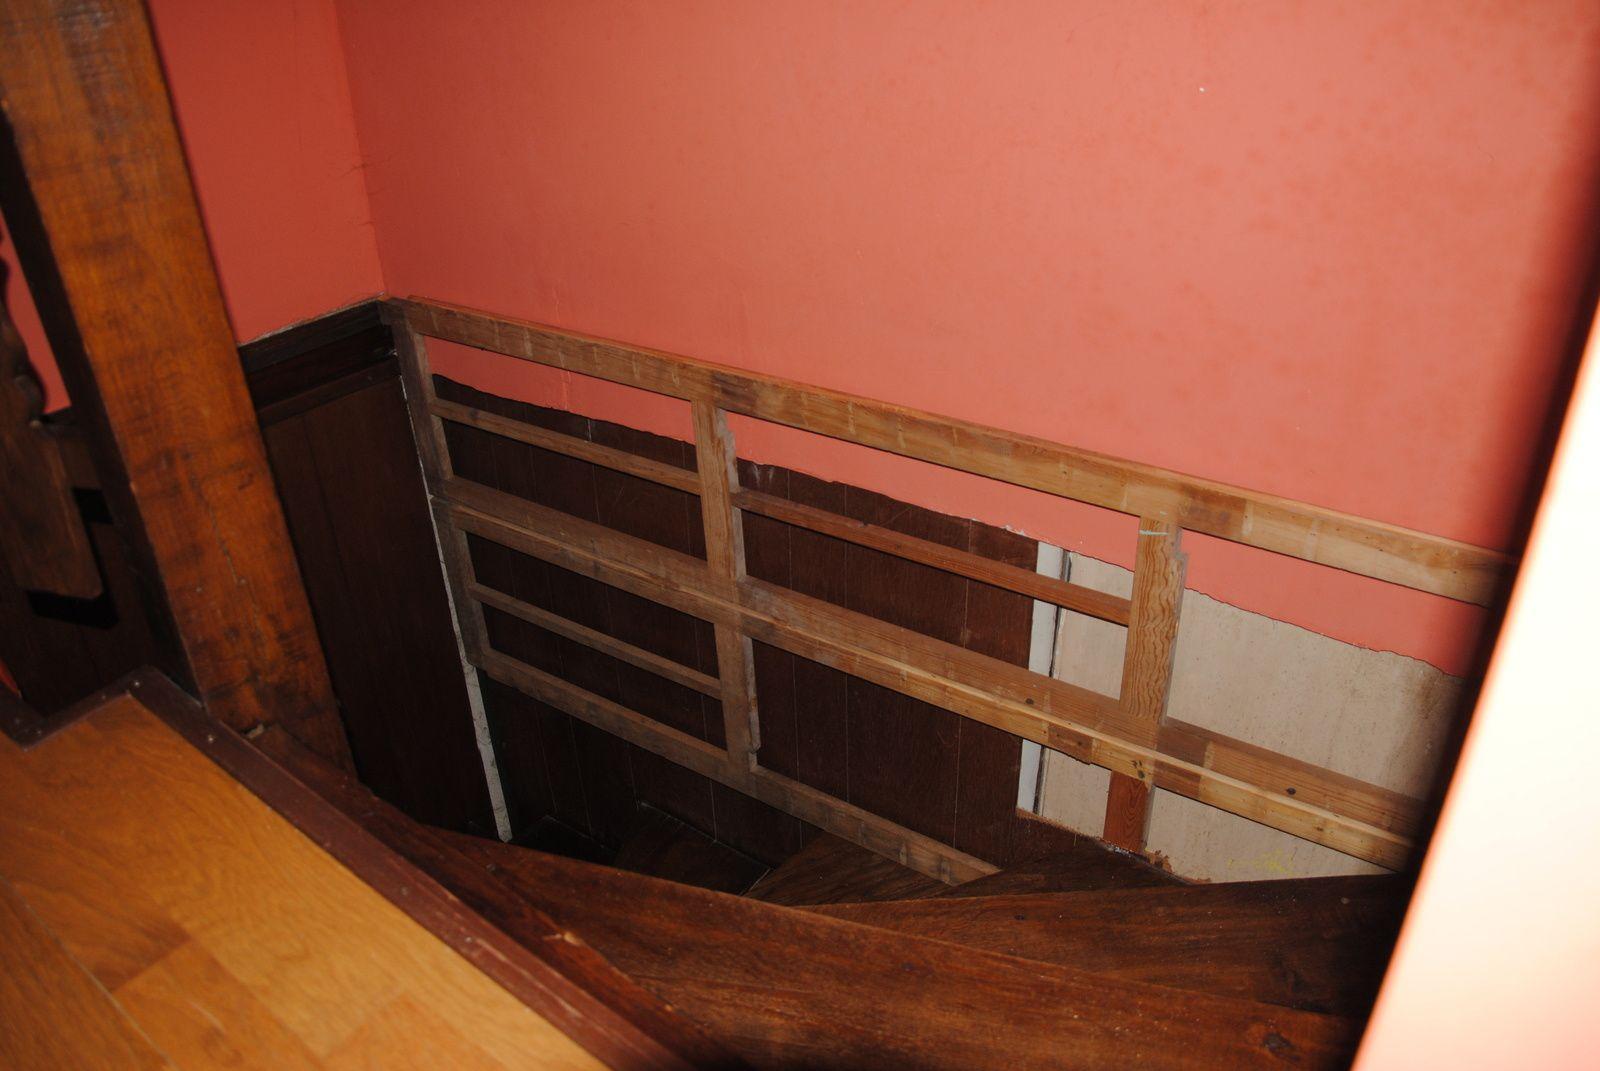 Restaurer l 39 habillage de la cage d 39 escalier l 39 oasis de - Habillage cage escalier ...